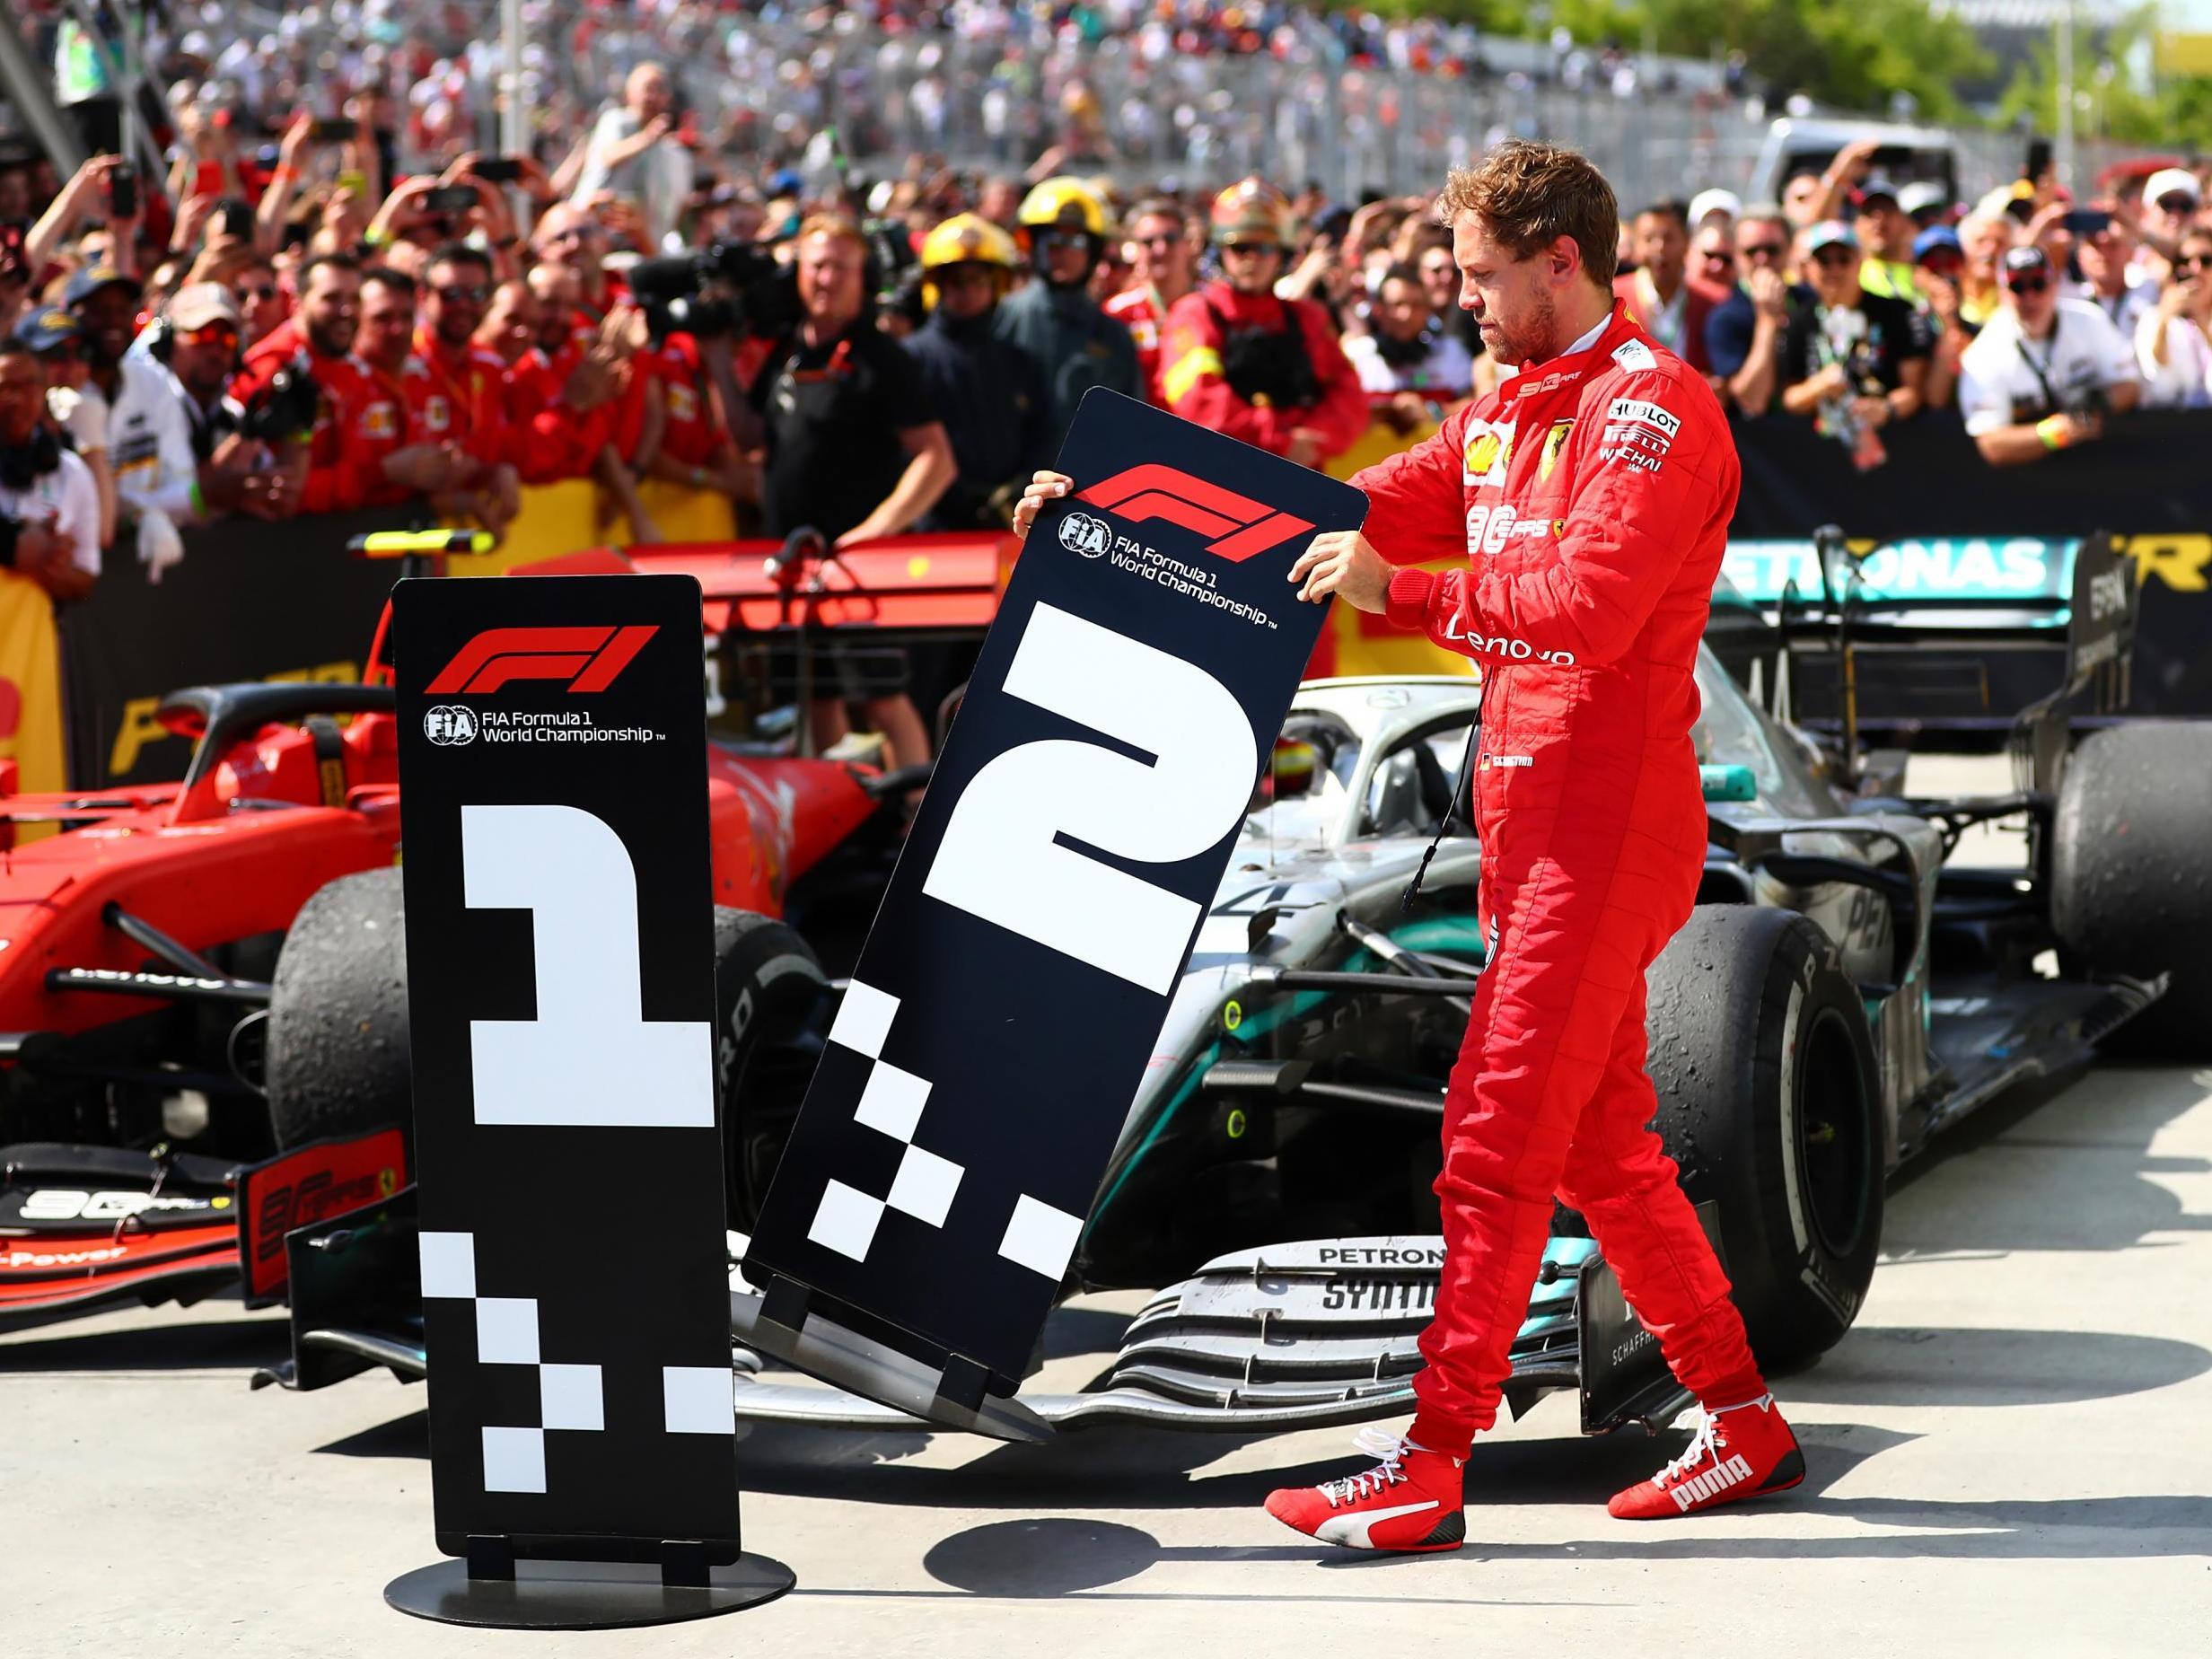 Sebastian Vettel - latest news, breaking stories and comment - The